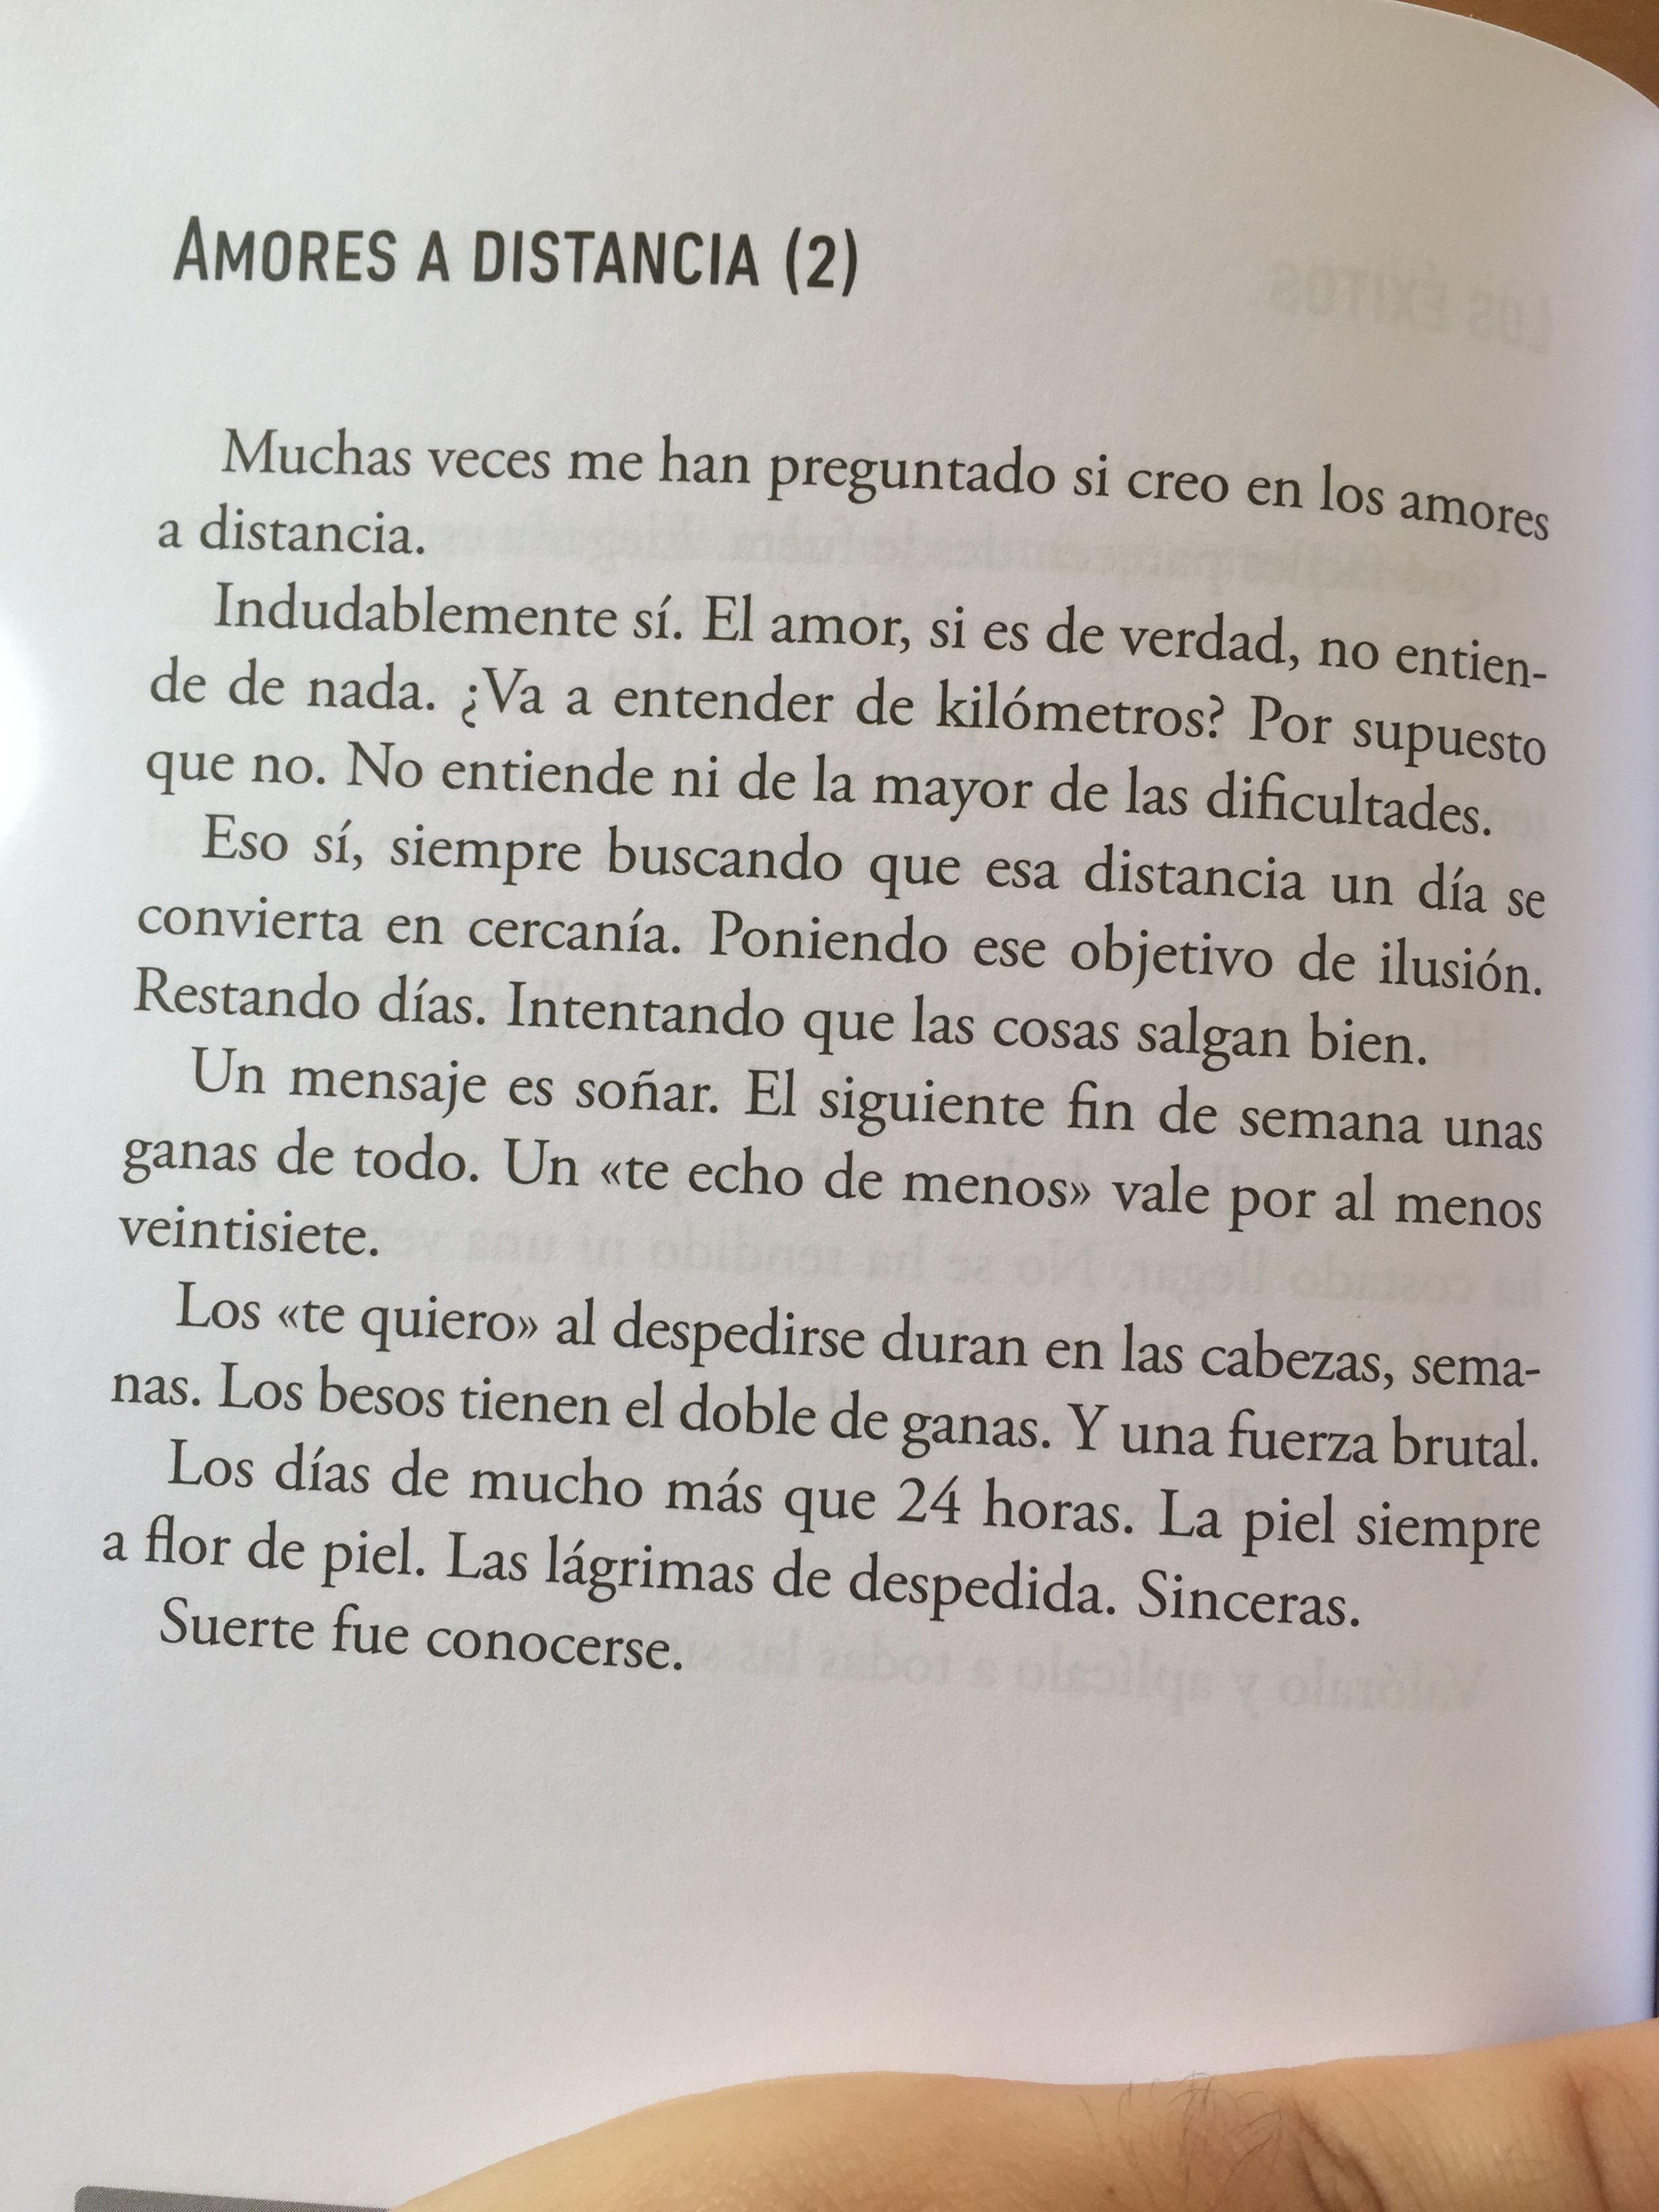 Poema De Despedida A Un Amor Imposible Amores A Distancia 2 Frases De Amor A Distancia Frases De